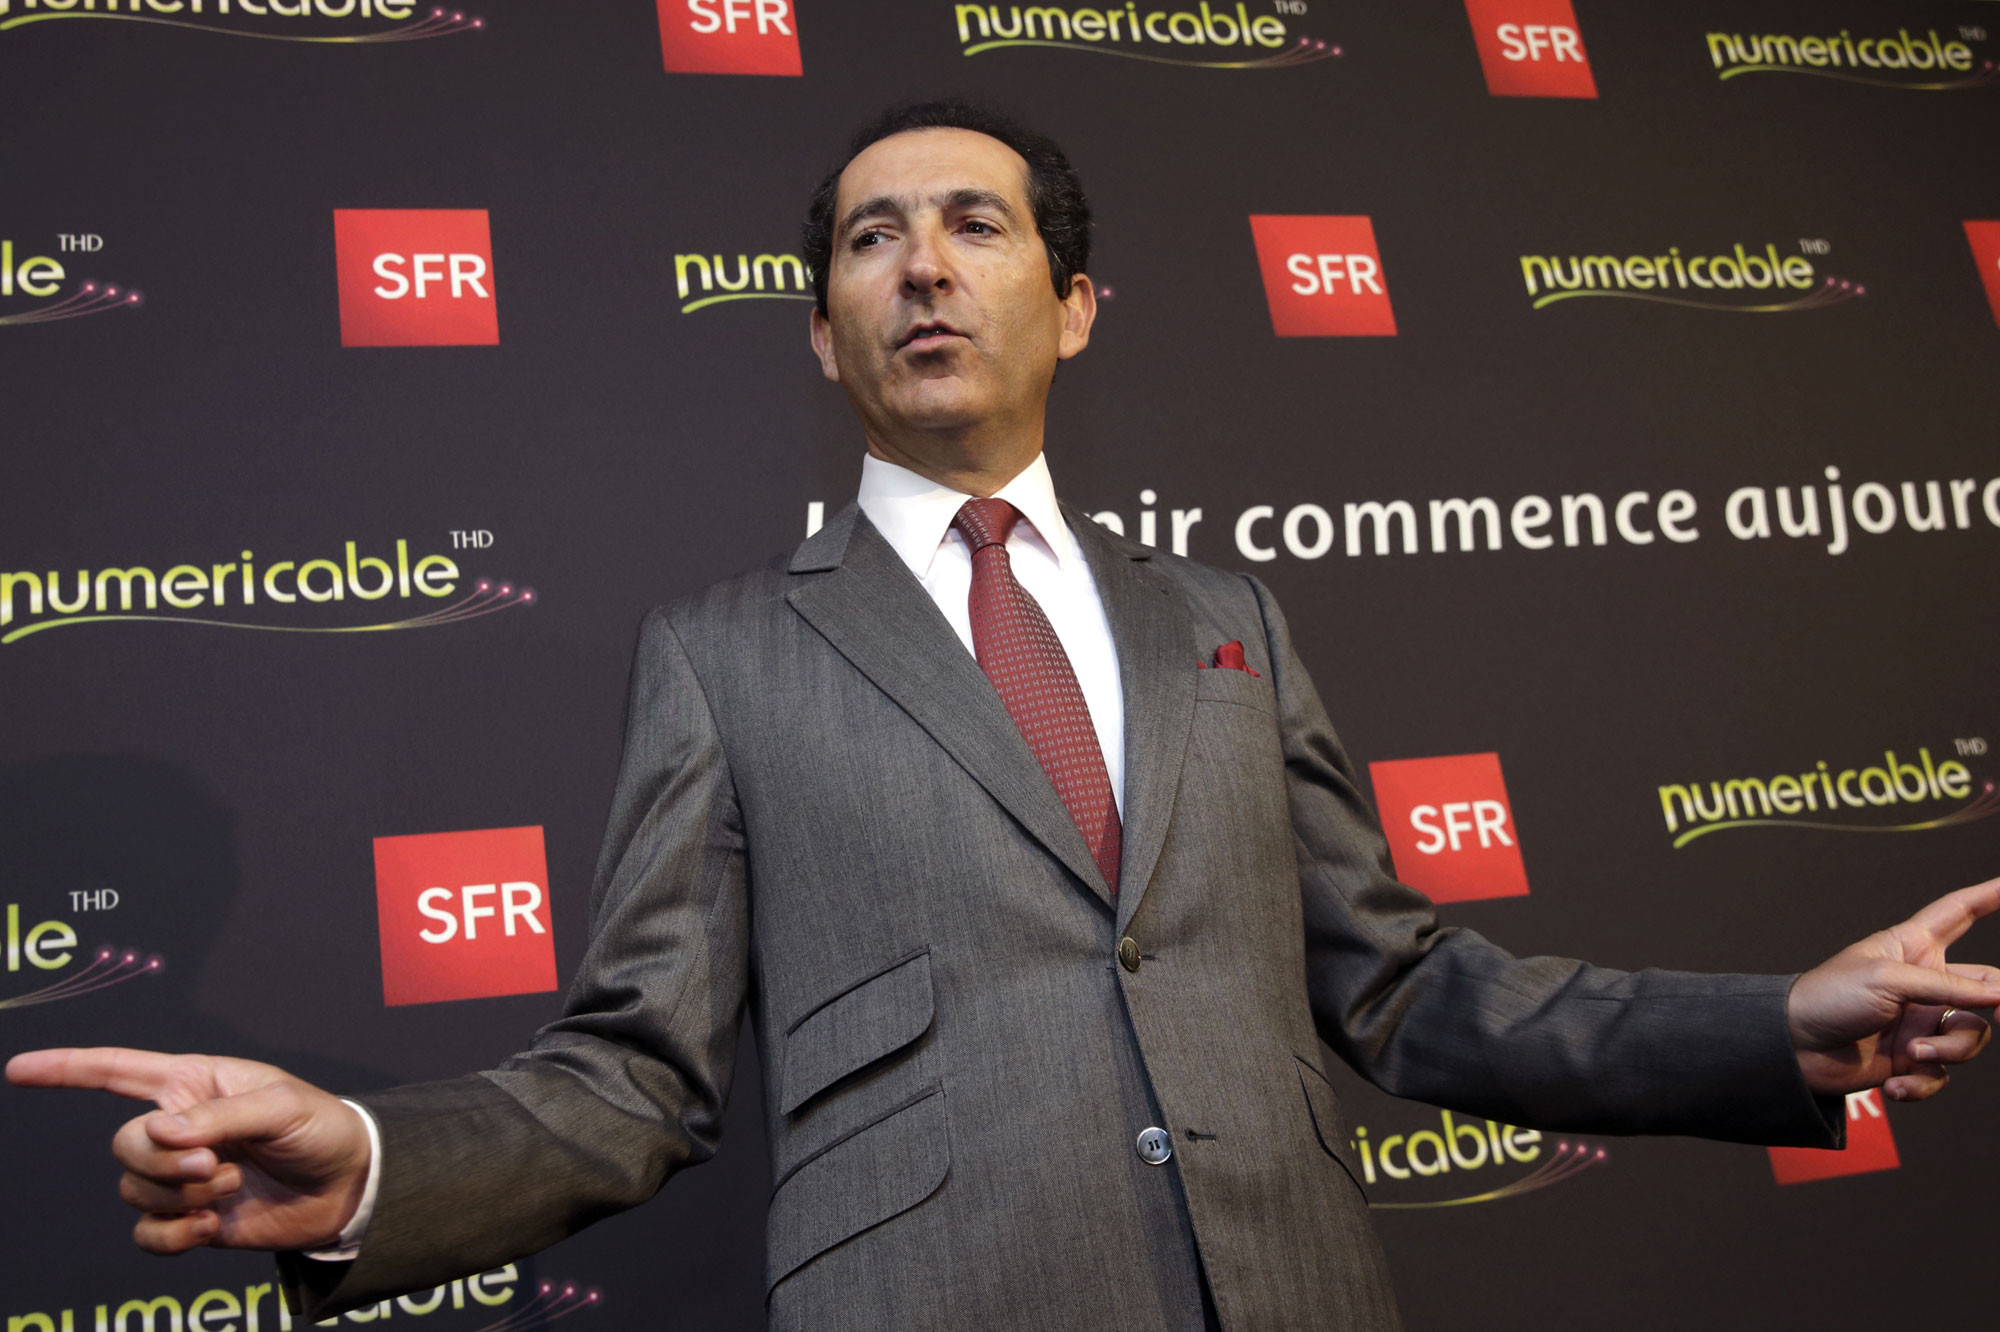 SFR s'empare de Covage, 4e opérateur de fibre optique en France